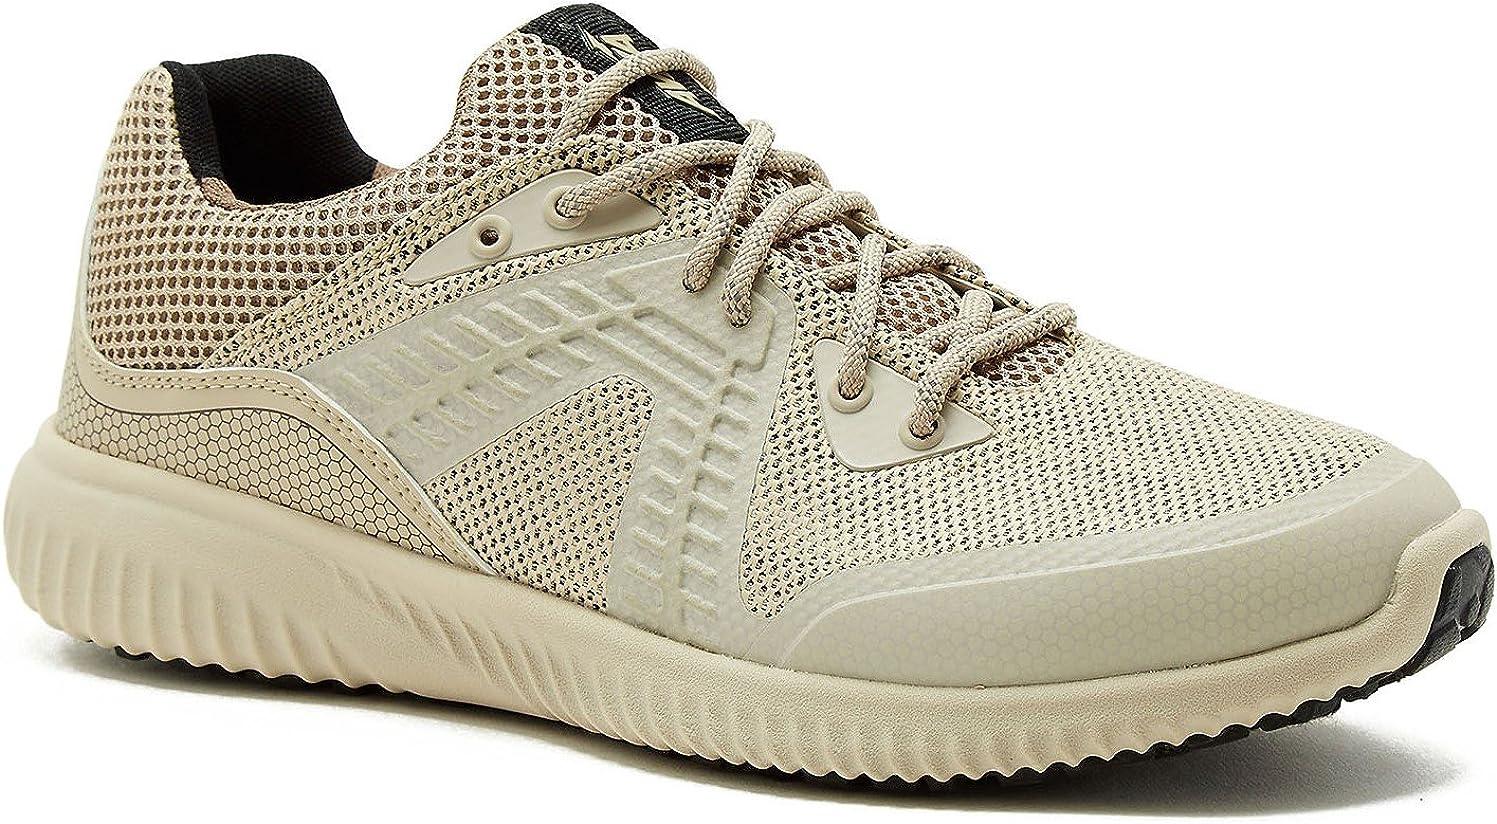 Avia Athletic Performance - Zapatillas de running para hombre, color blanco crema, talla, (Crema Blanco), 42 EU: Amazon.es: Zapatos y complementos